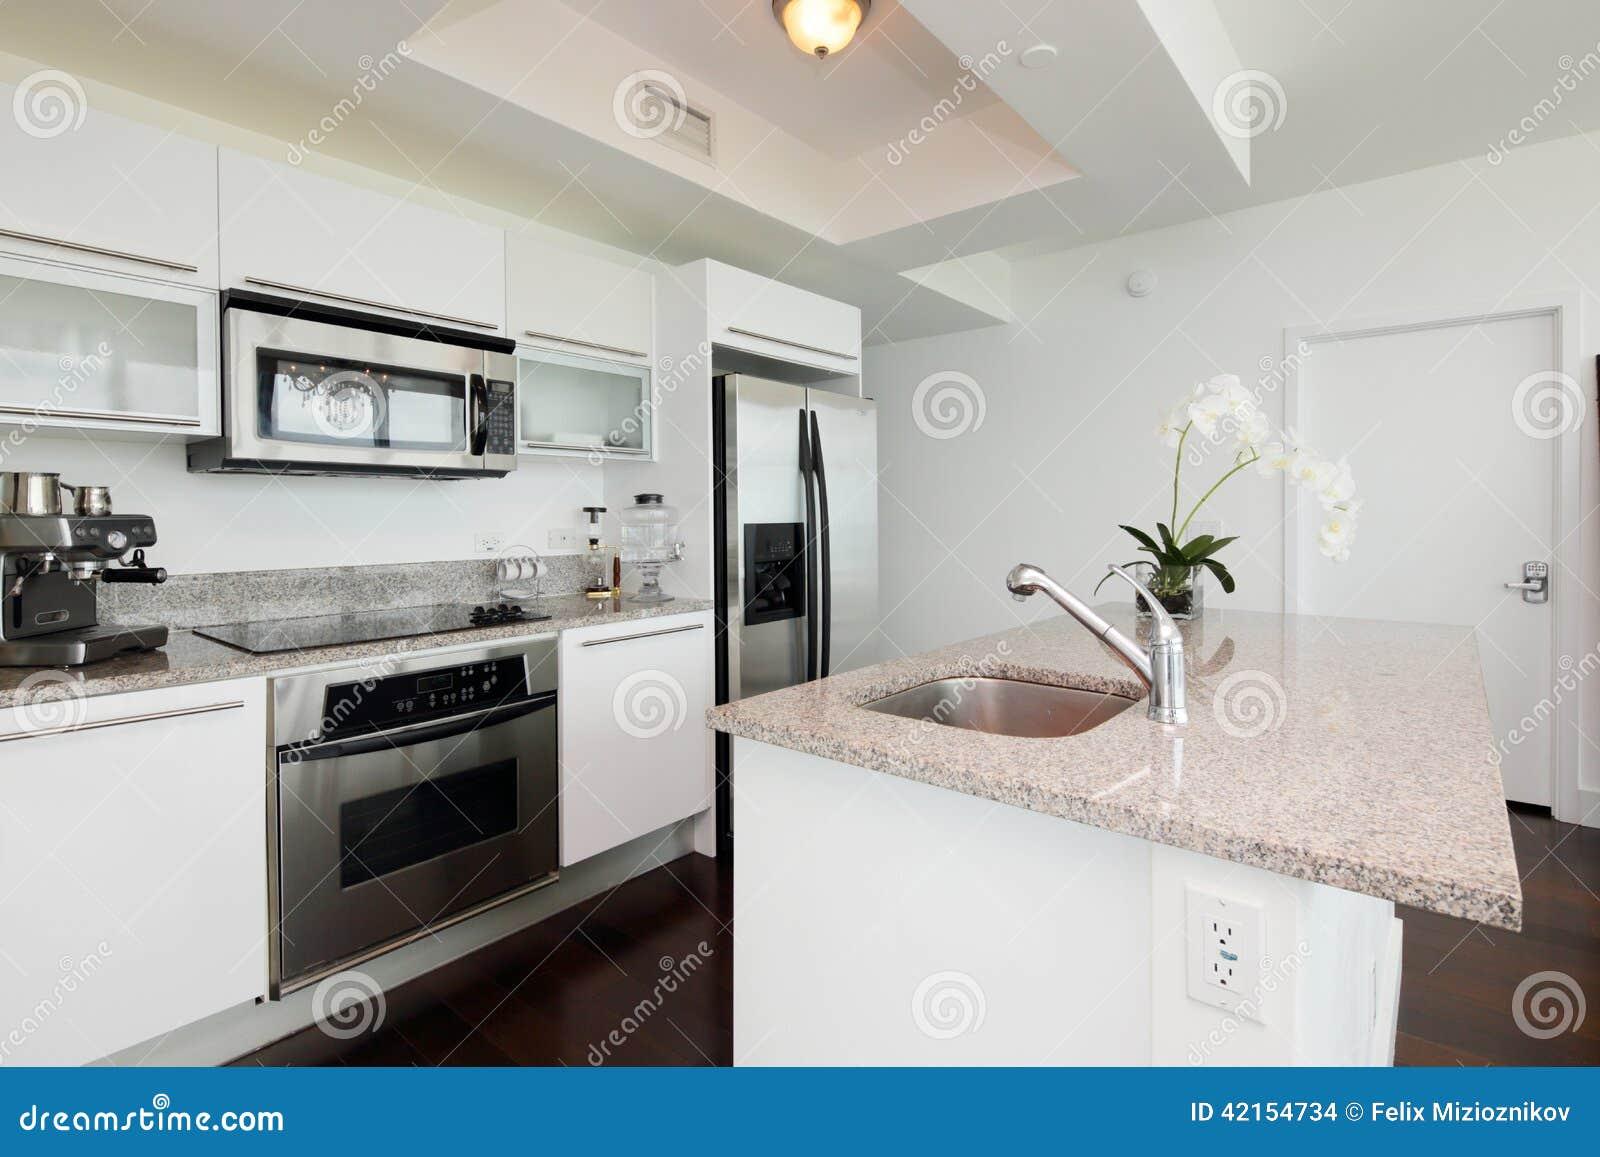 Moderne Keuken Eiland : Moderne Keuken Met Een Eiland Stock Foto – Afbeelding: 42154734